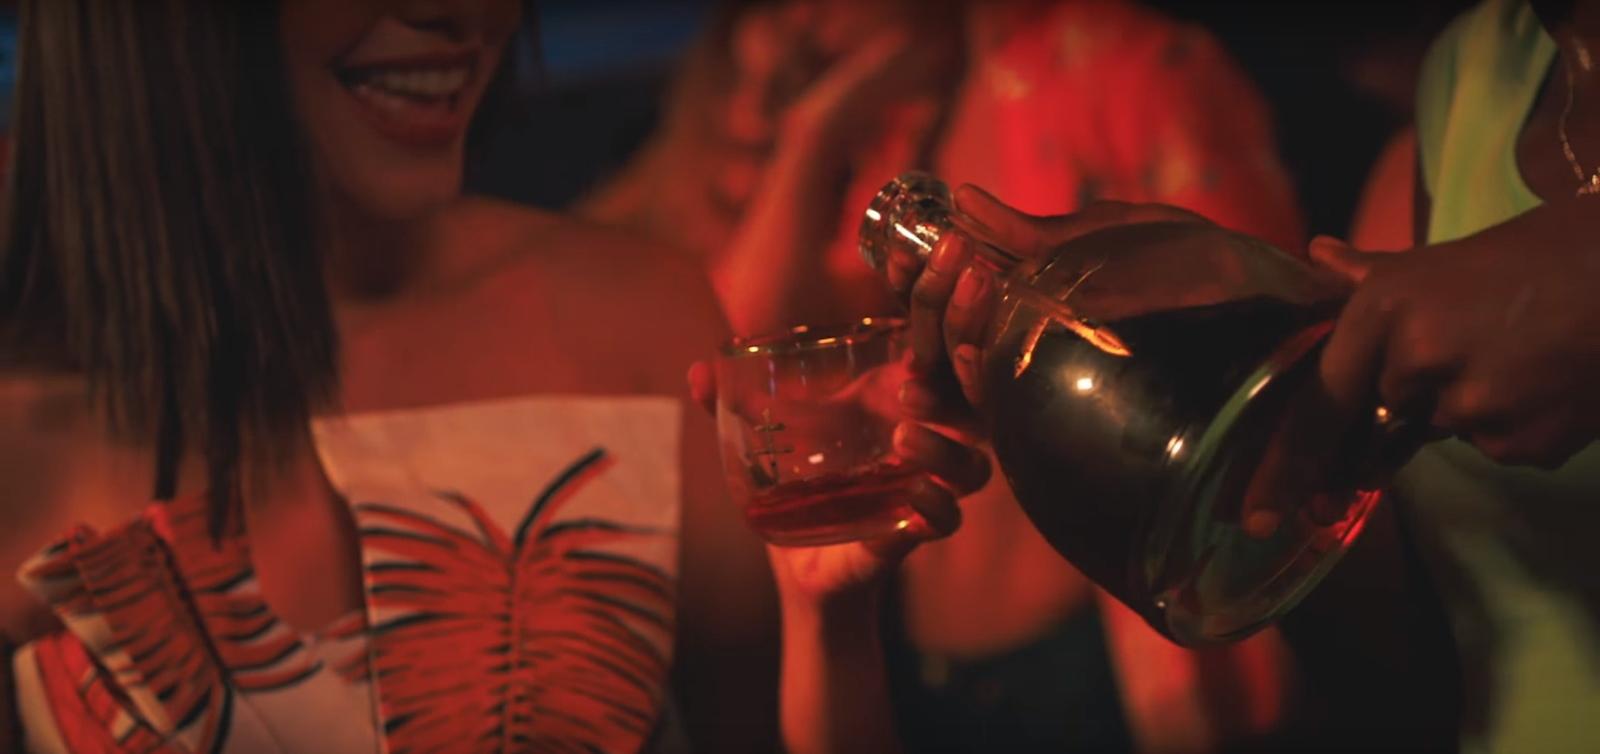 D'USSÉ Cognac - DJ Khaled - Wild Thoughts Official Music Video Product Placement